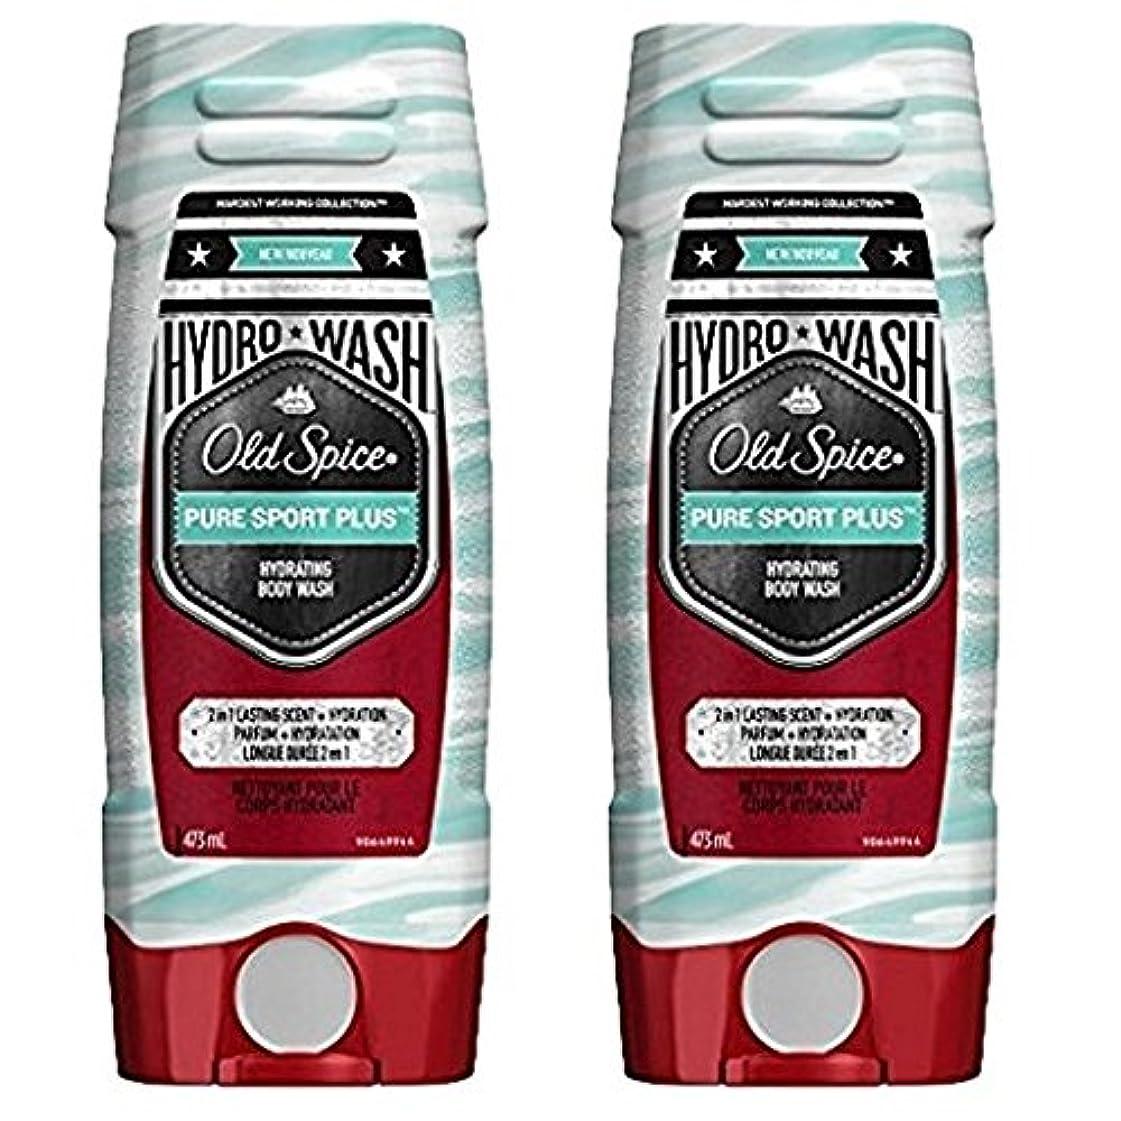 休眠冒険家鰐海外直送品 Old Spice Hydro Wash Body Wash Hardest Working Collection Pure Sport Plus 16 Oz, 2 Pack ボディーソープ 2本